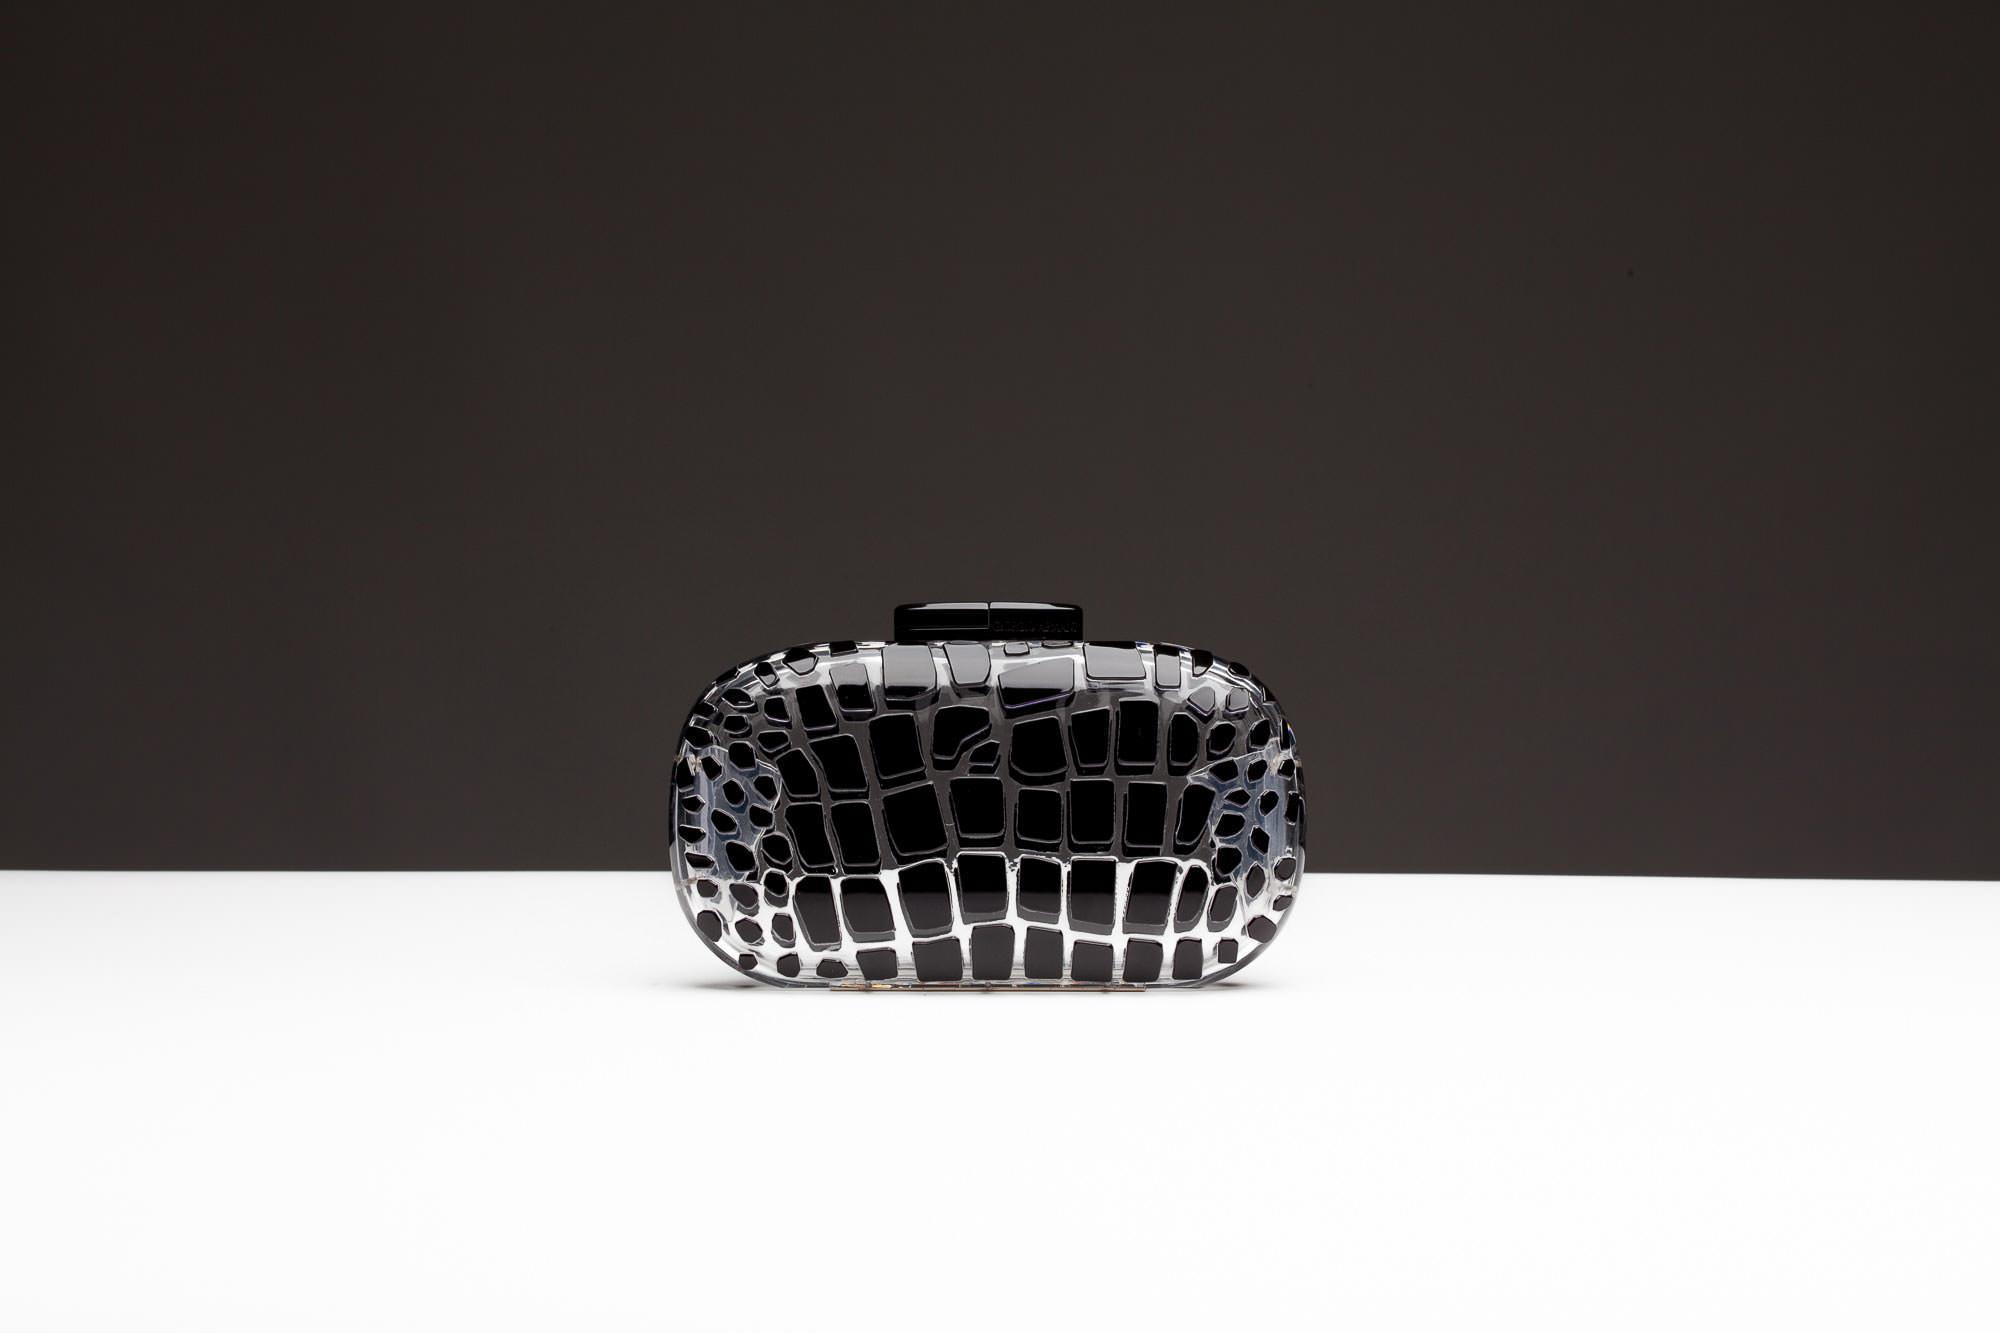 Fetish object of the week: Giorgio Armani Plexiglas clutch